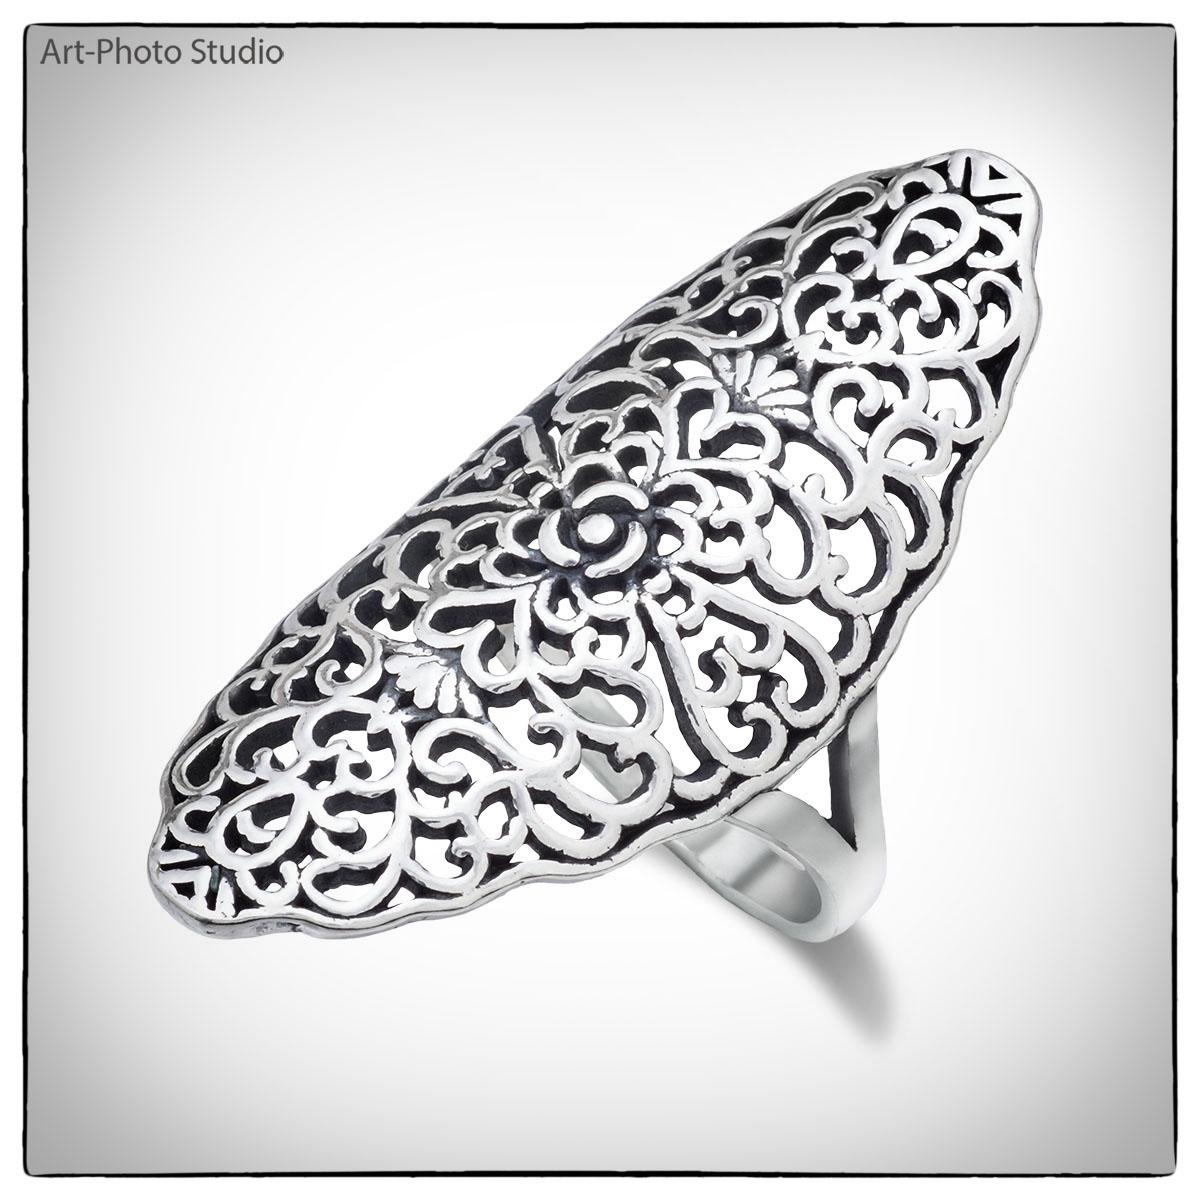 роскошное серебряное кольцо